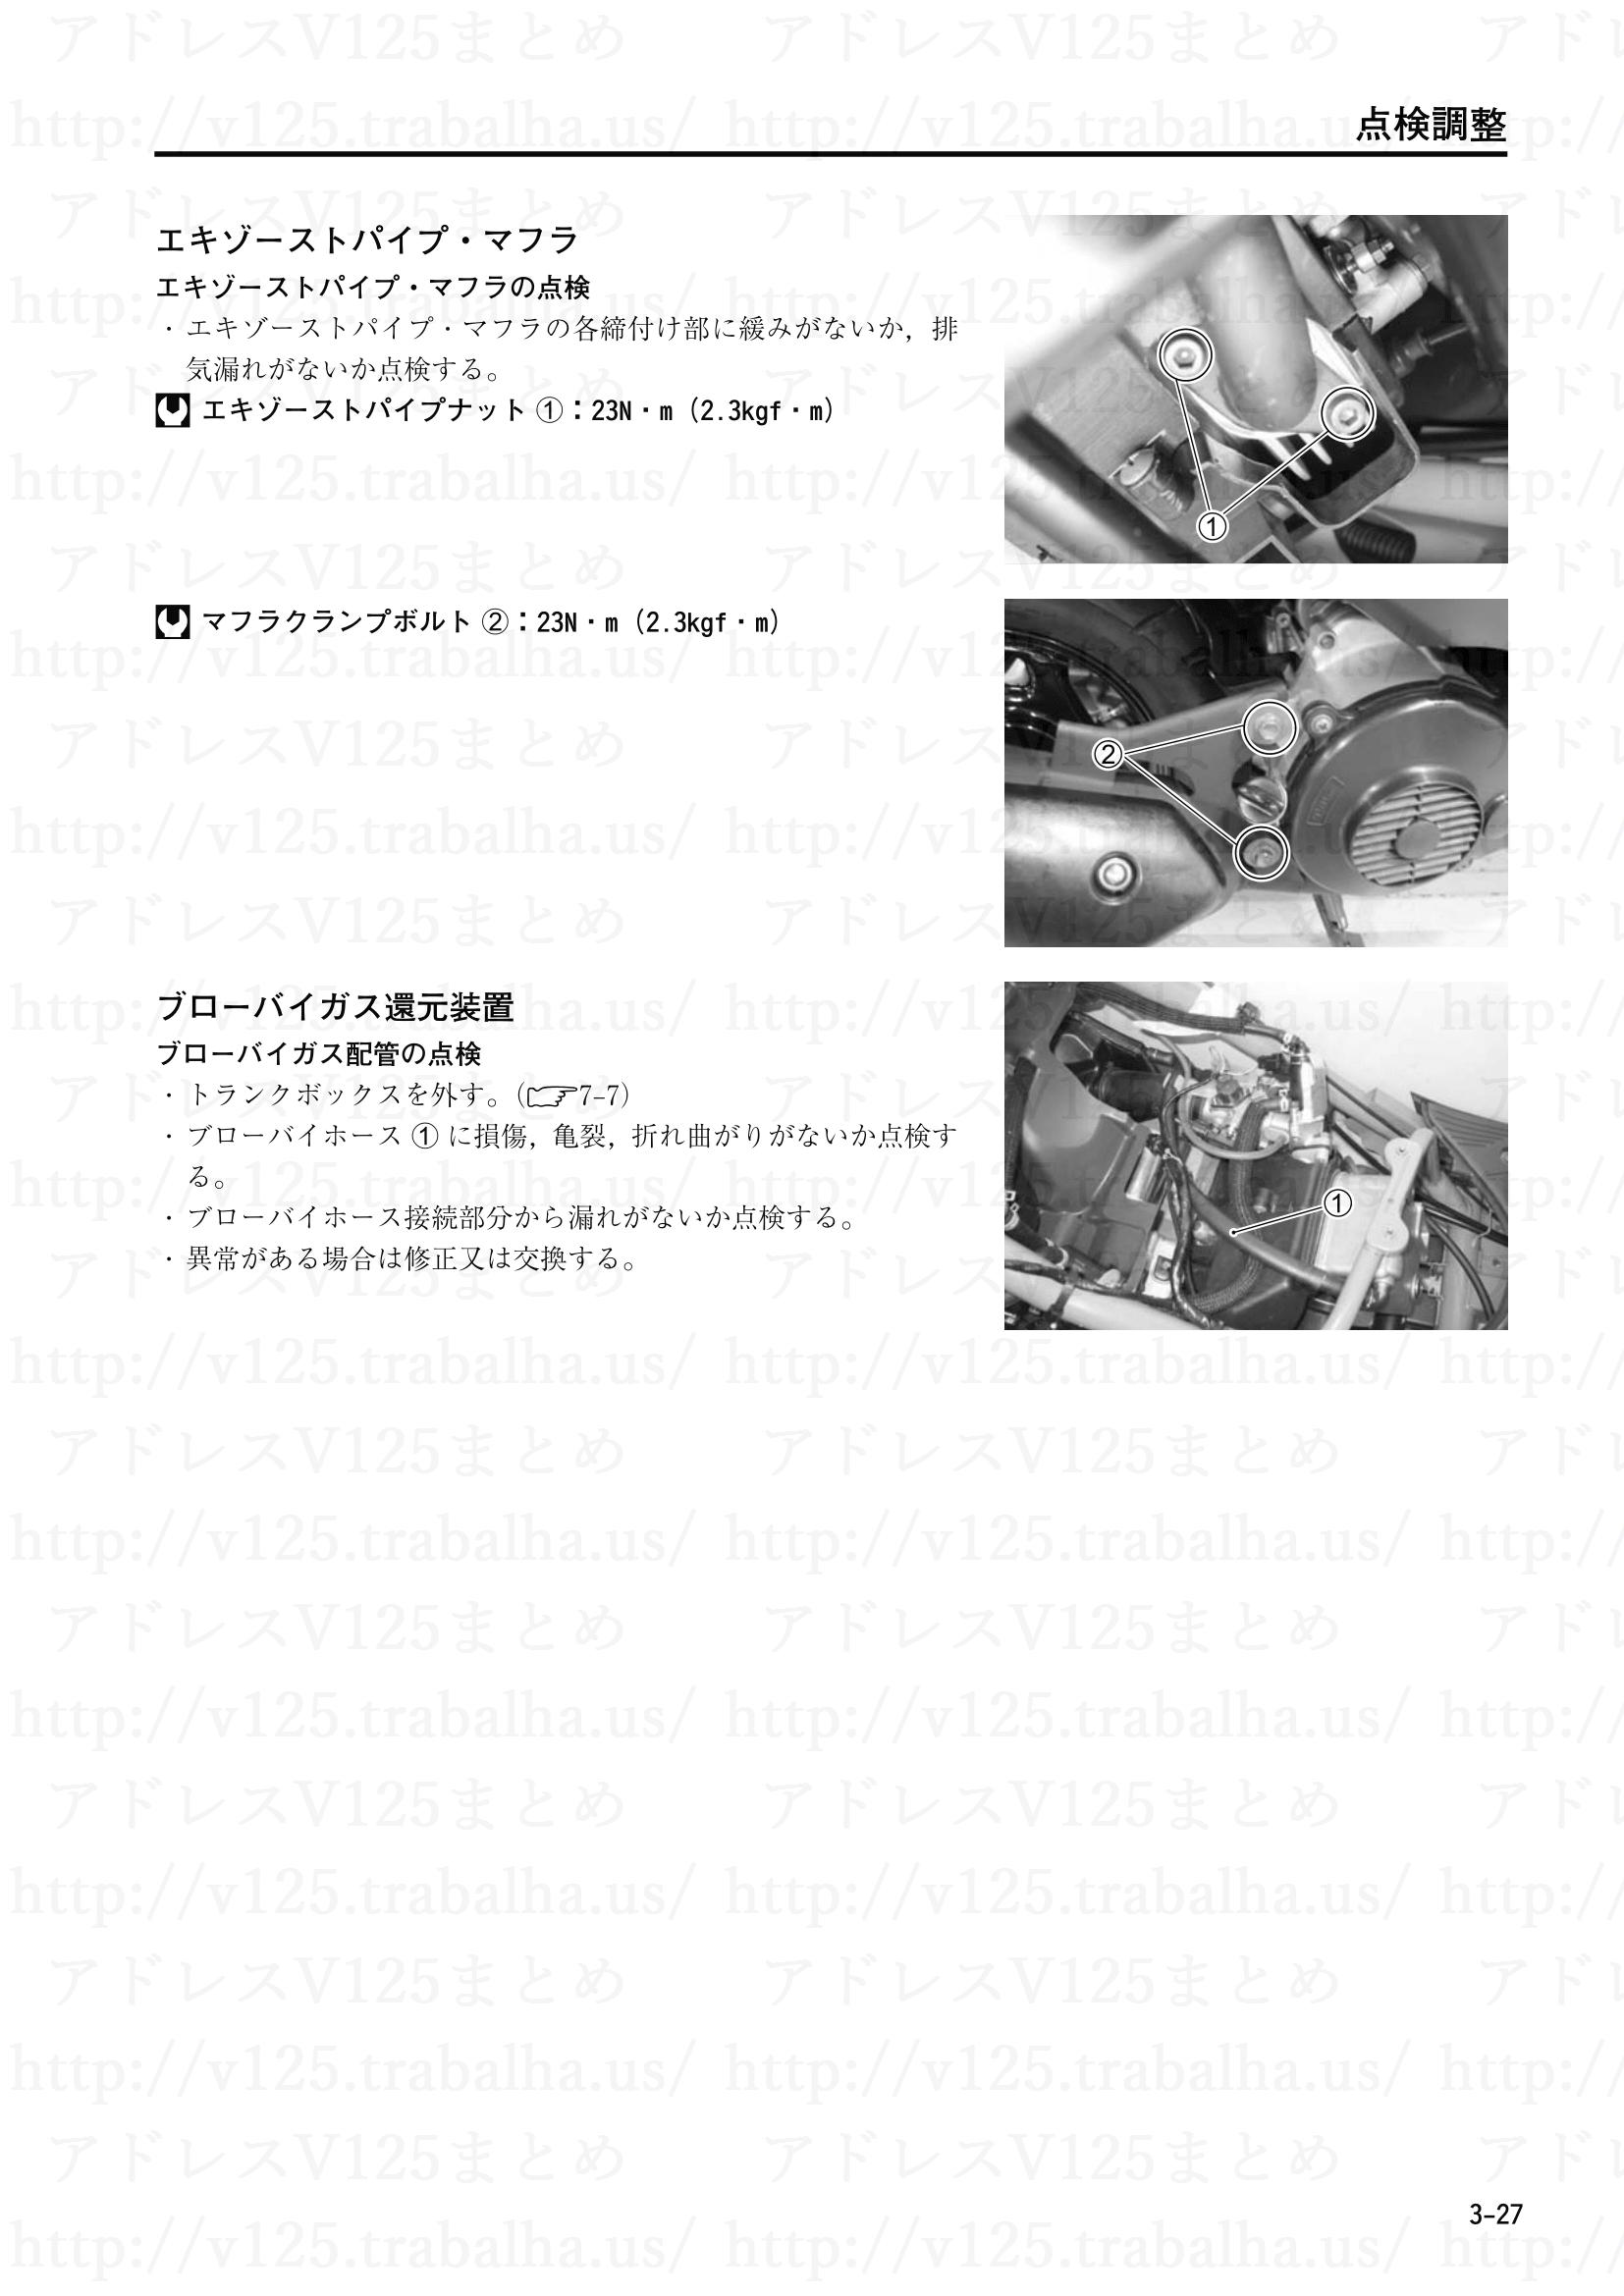 3-27【点検調整】原動機10